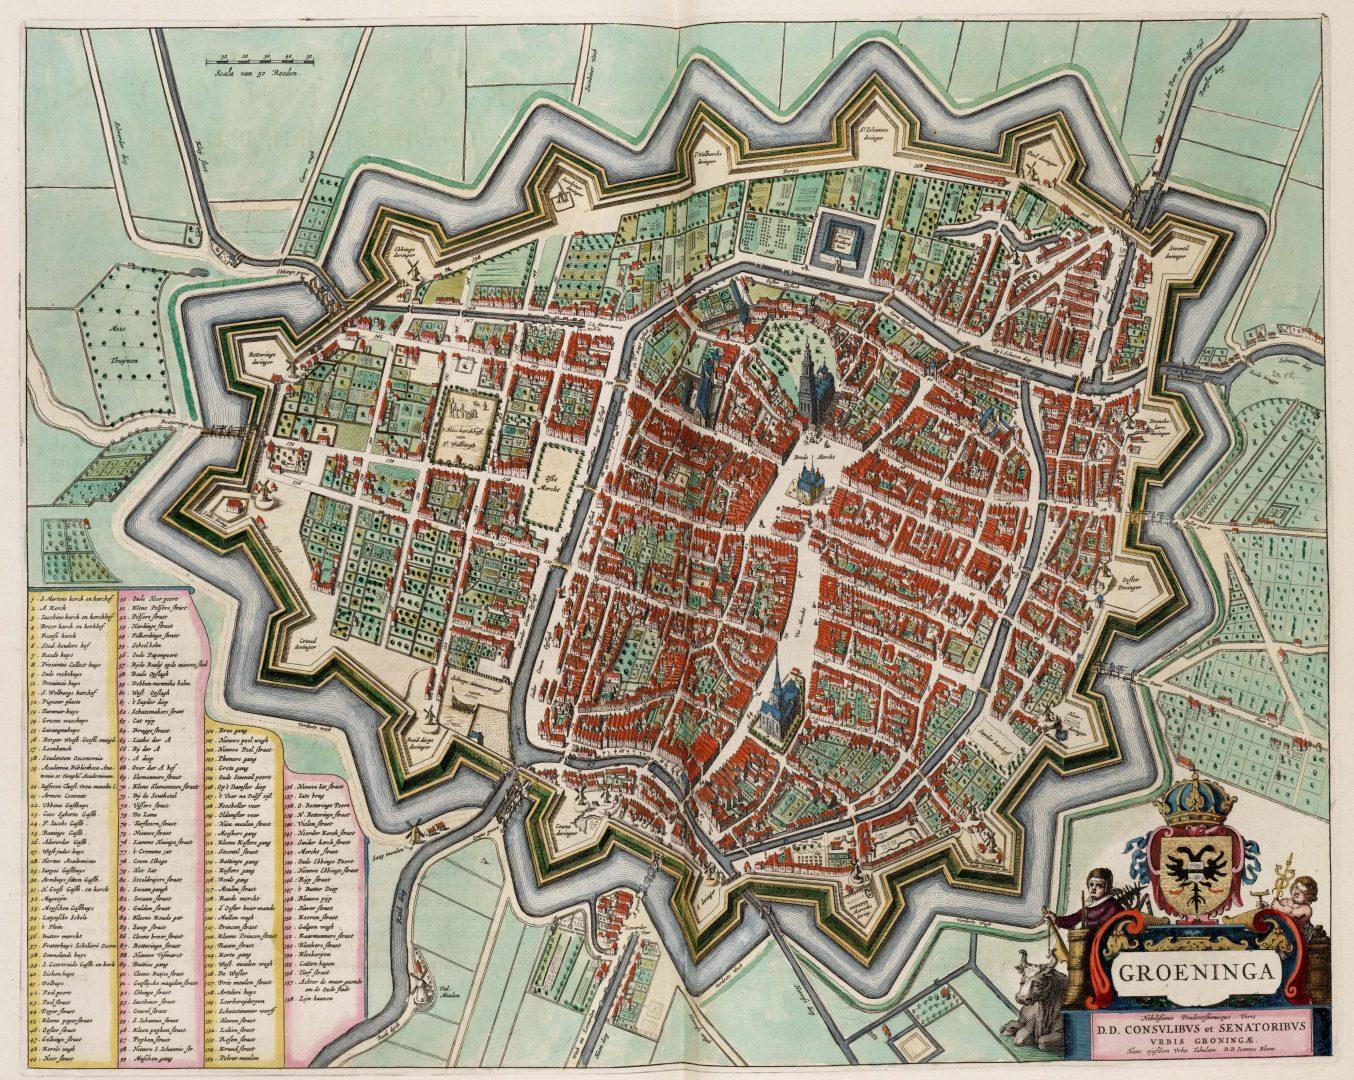 Plattegrond van middeleeuws Groningen